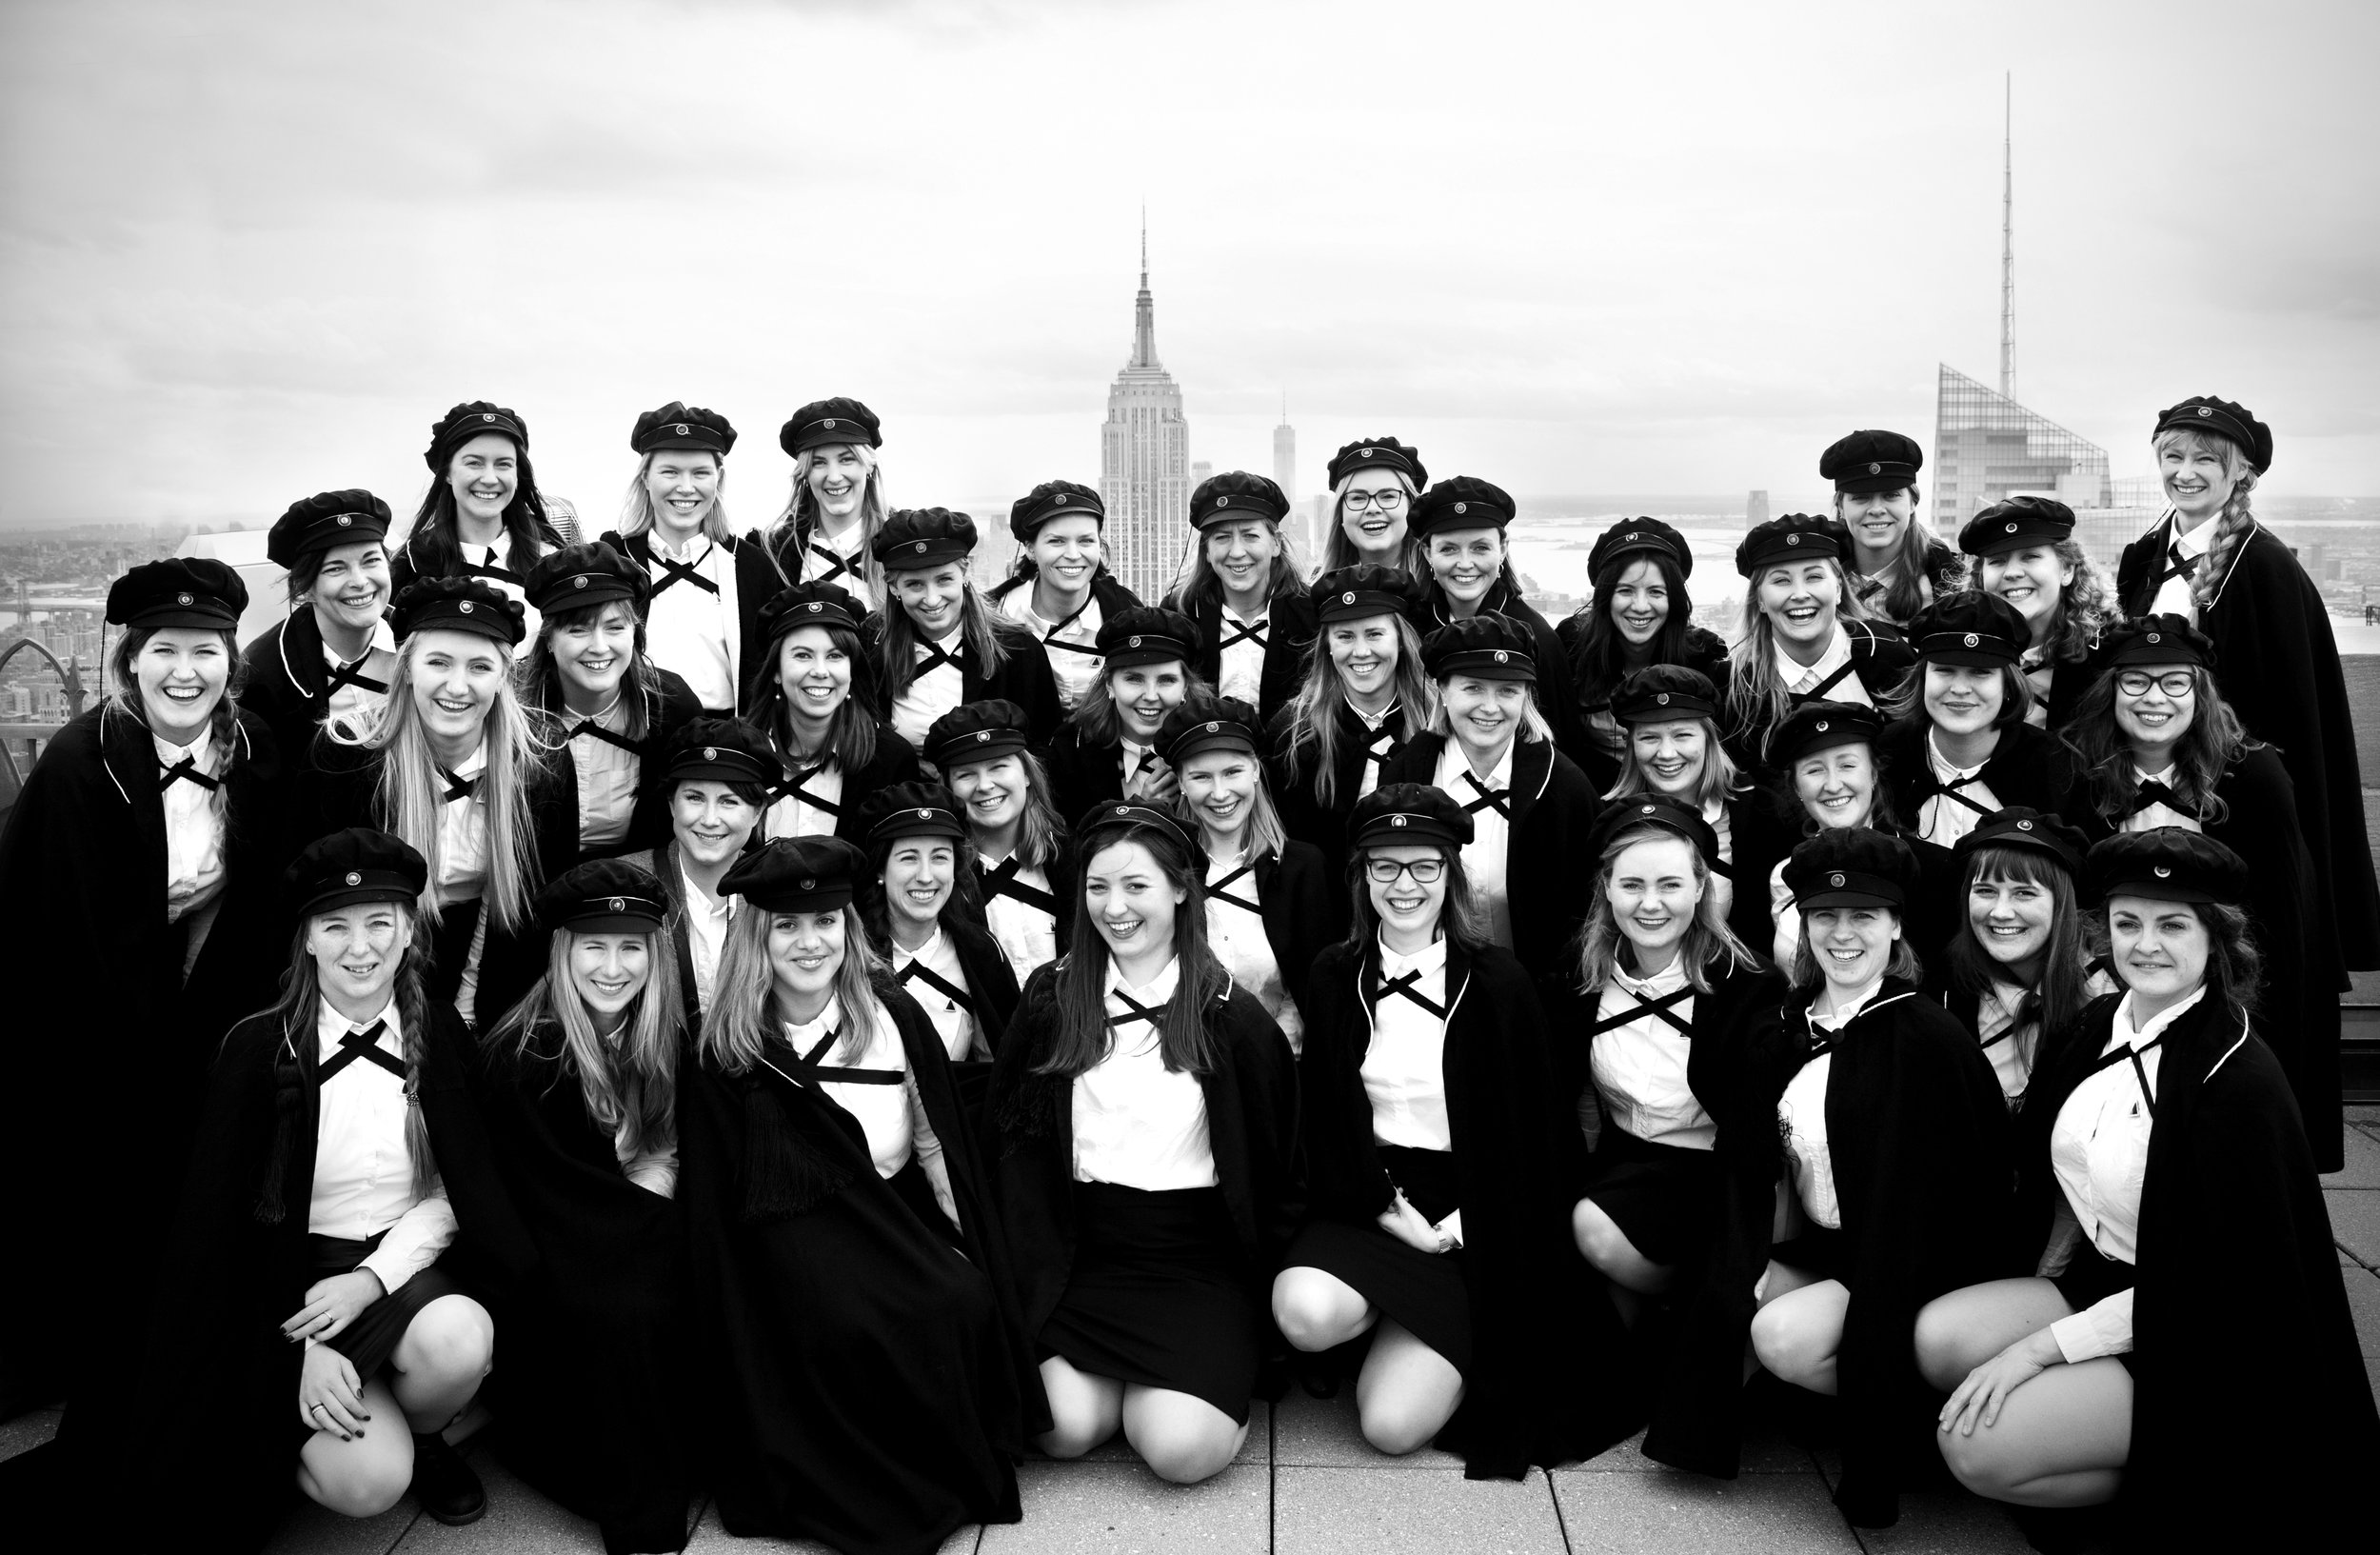 KSS på toppen av Rockefeller Center i New York, USA Photo: Anna-Julia Granberg / BLUNDERBUSS